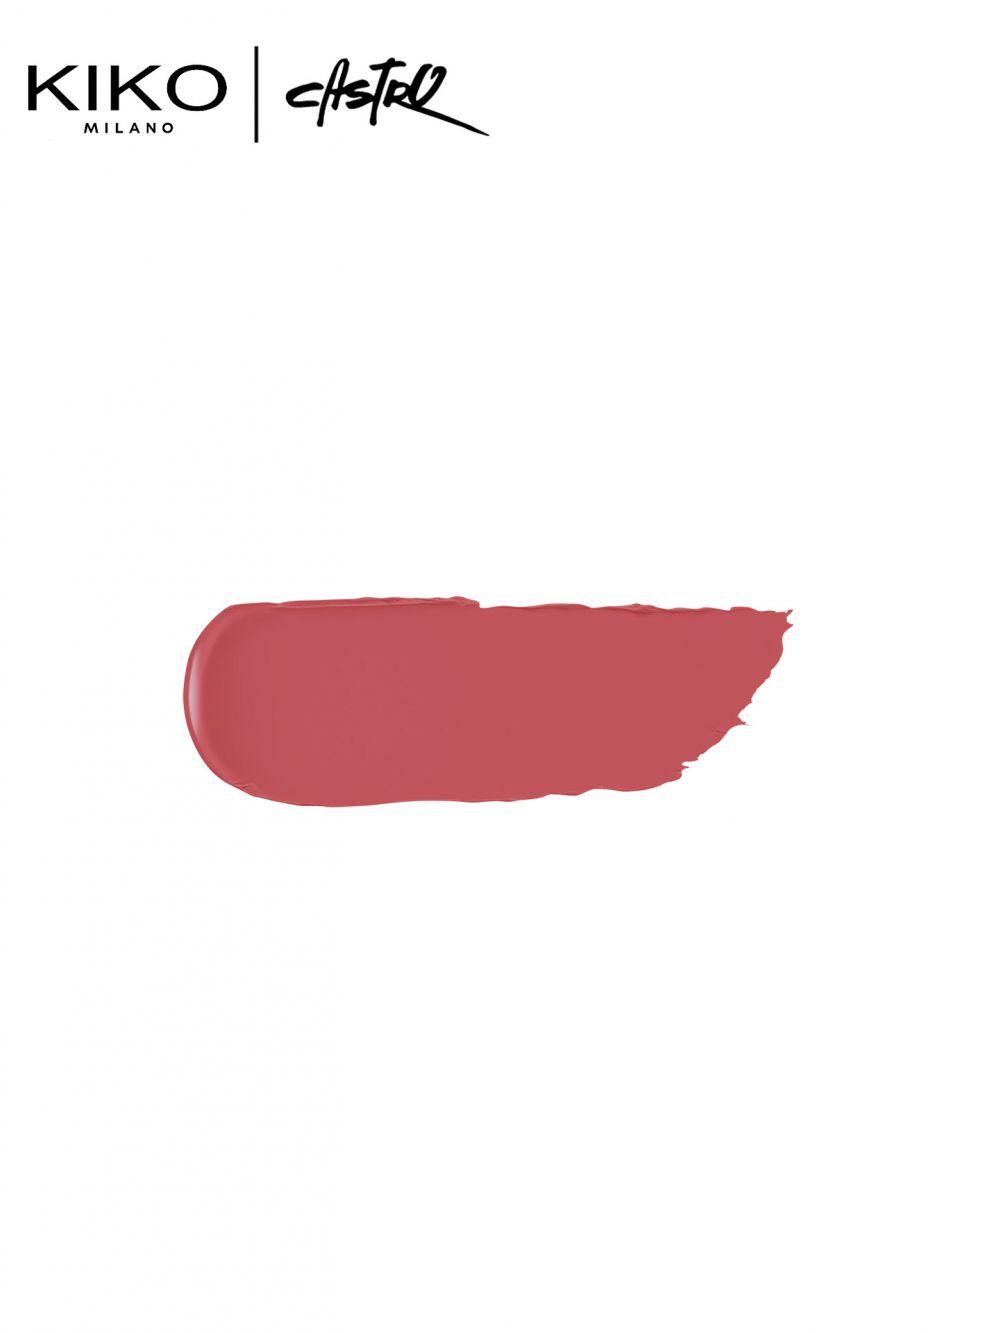 שפתון אולטרה מאט לכיסוי מירבי - 01